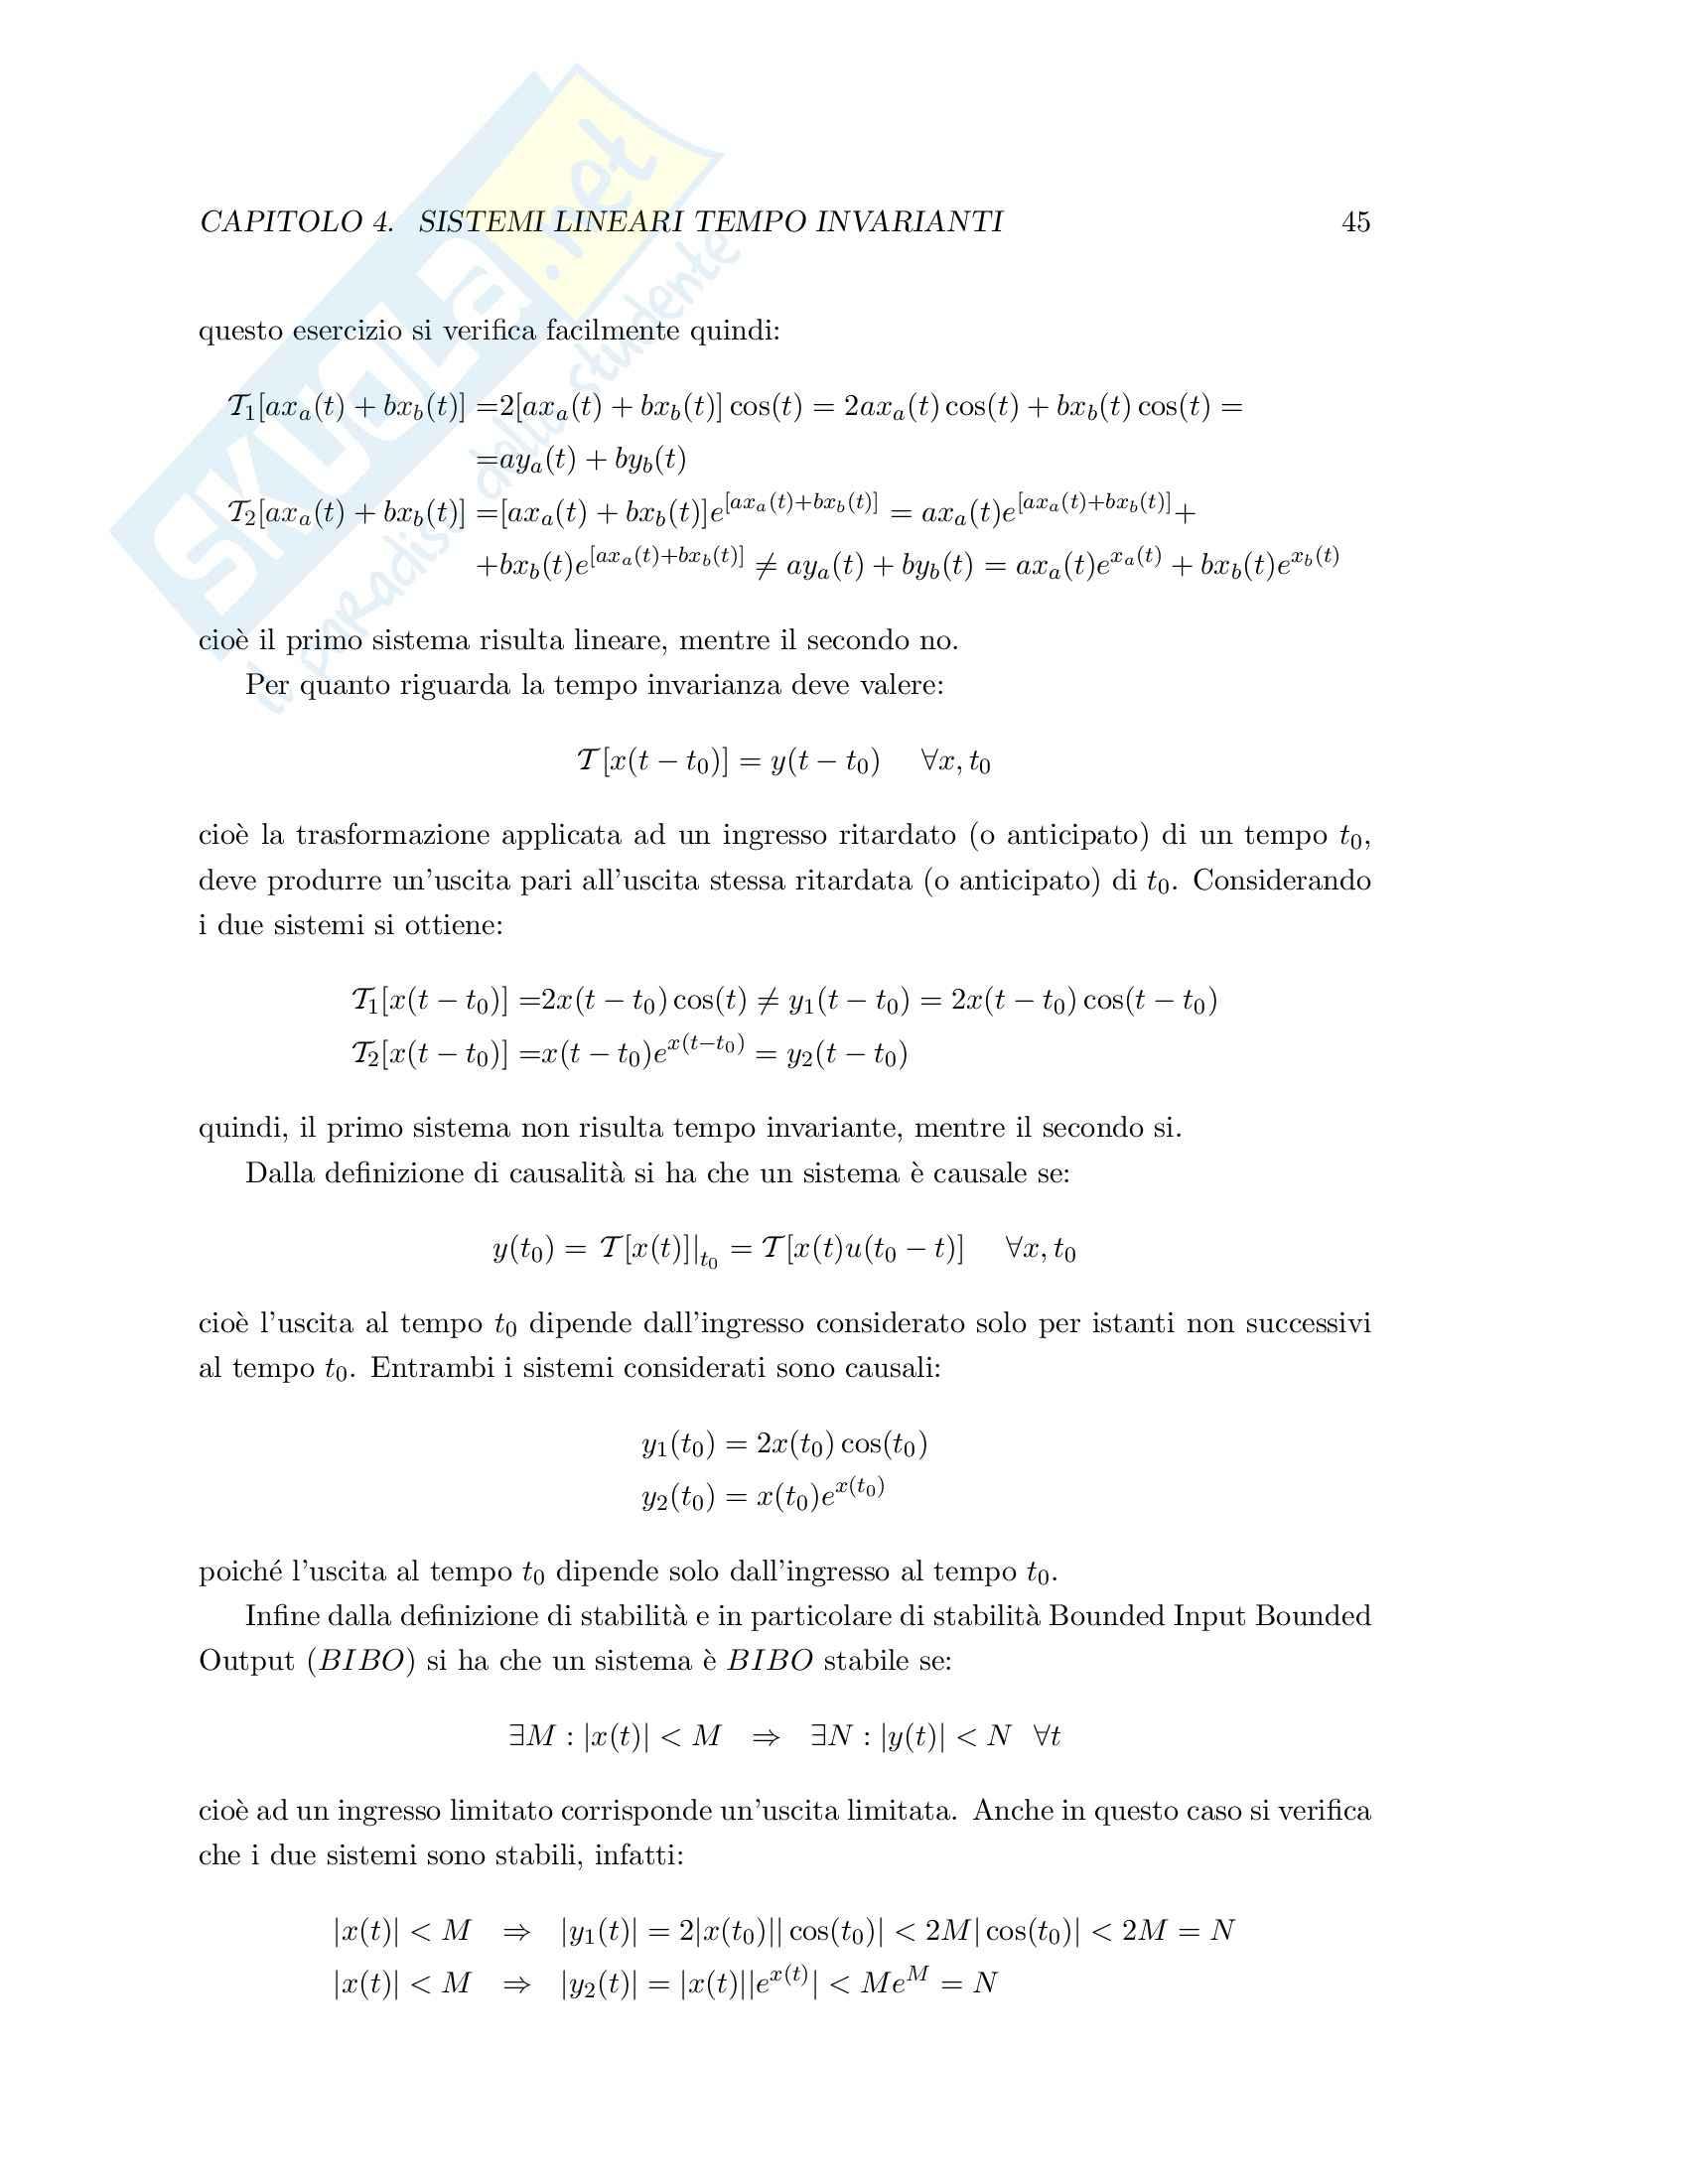 Teoria dei segnali - esercizi svolti Pag. 51